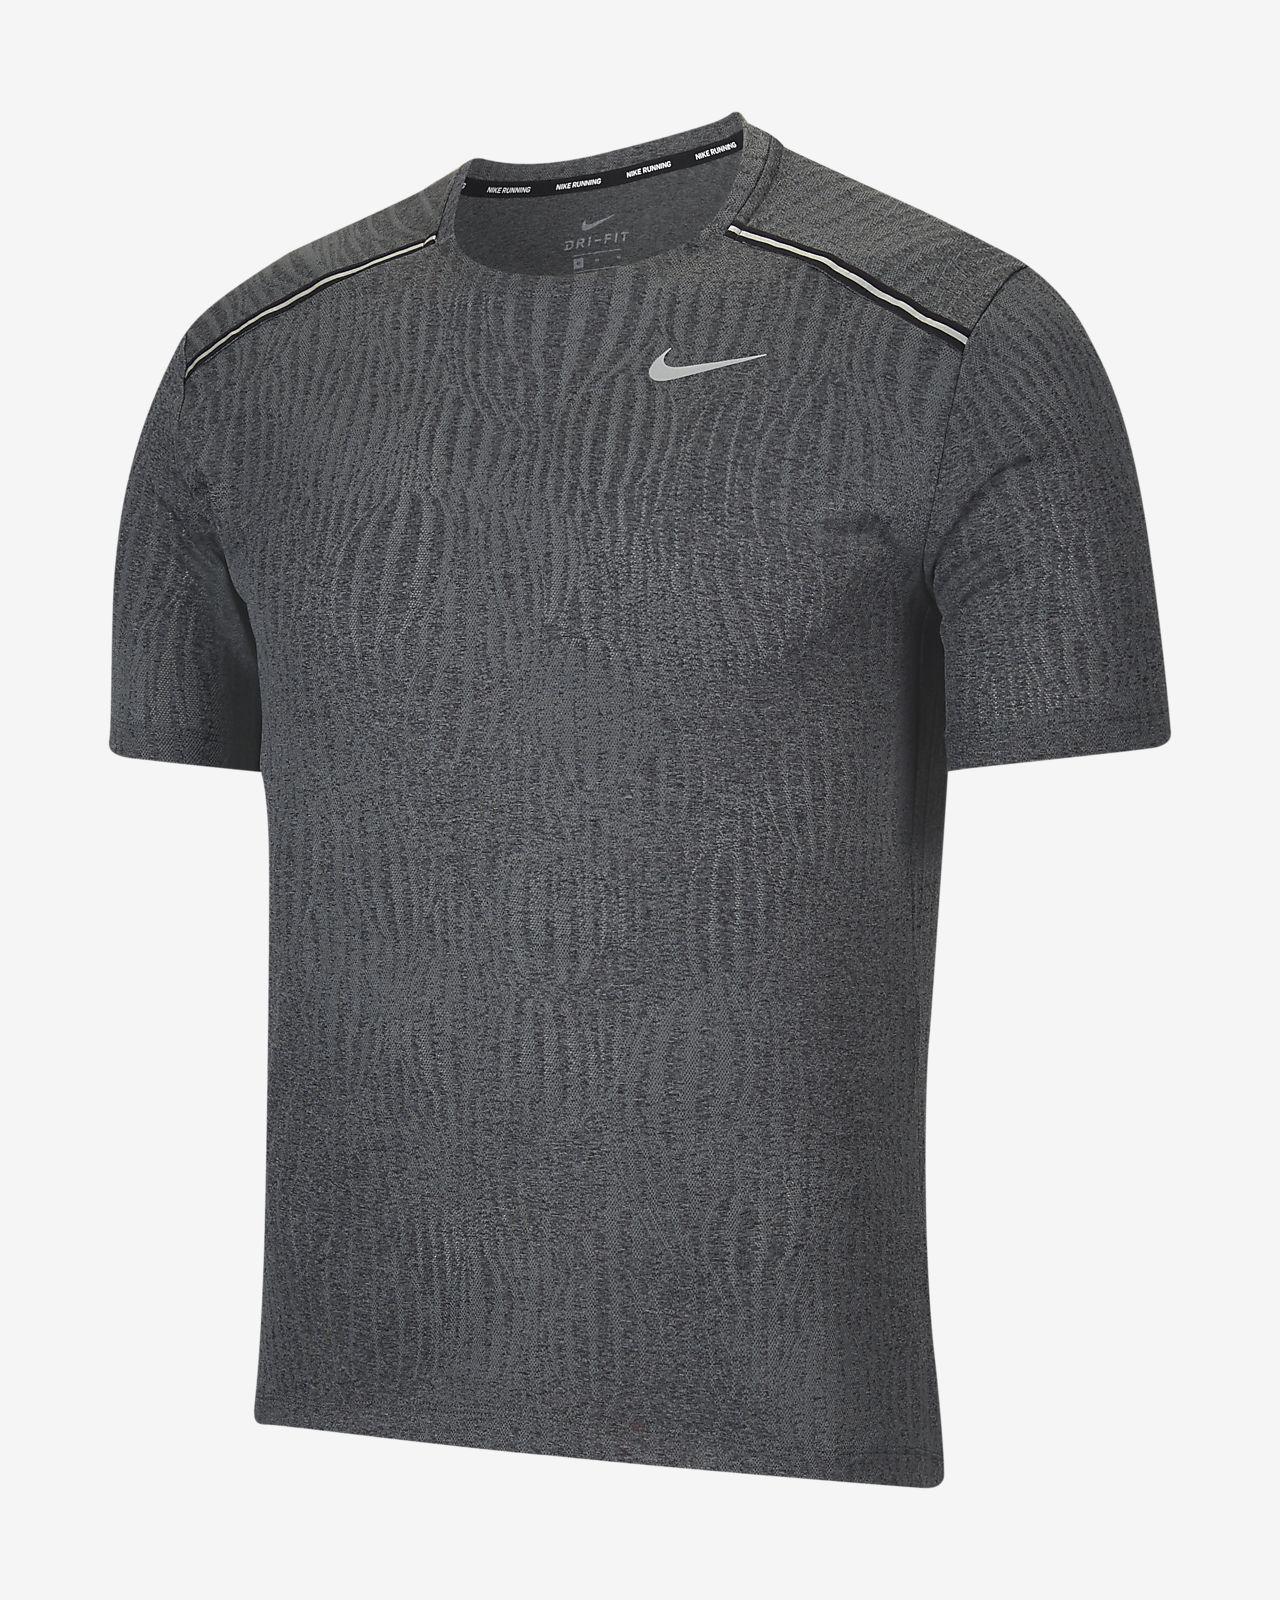 Nike Dri-FIT Miler 男款上衣